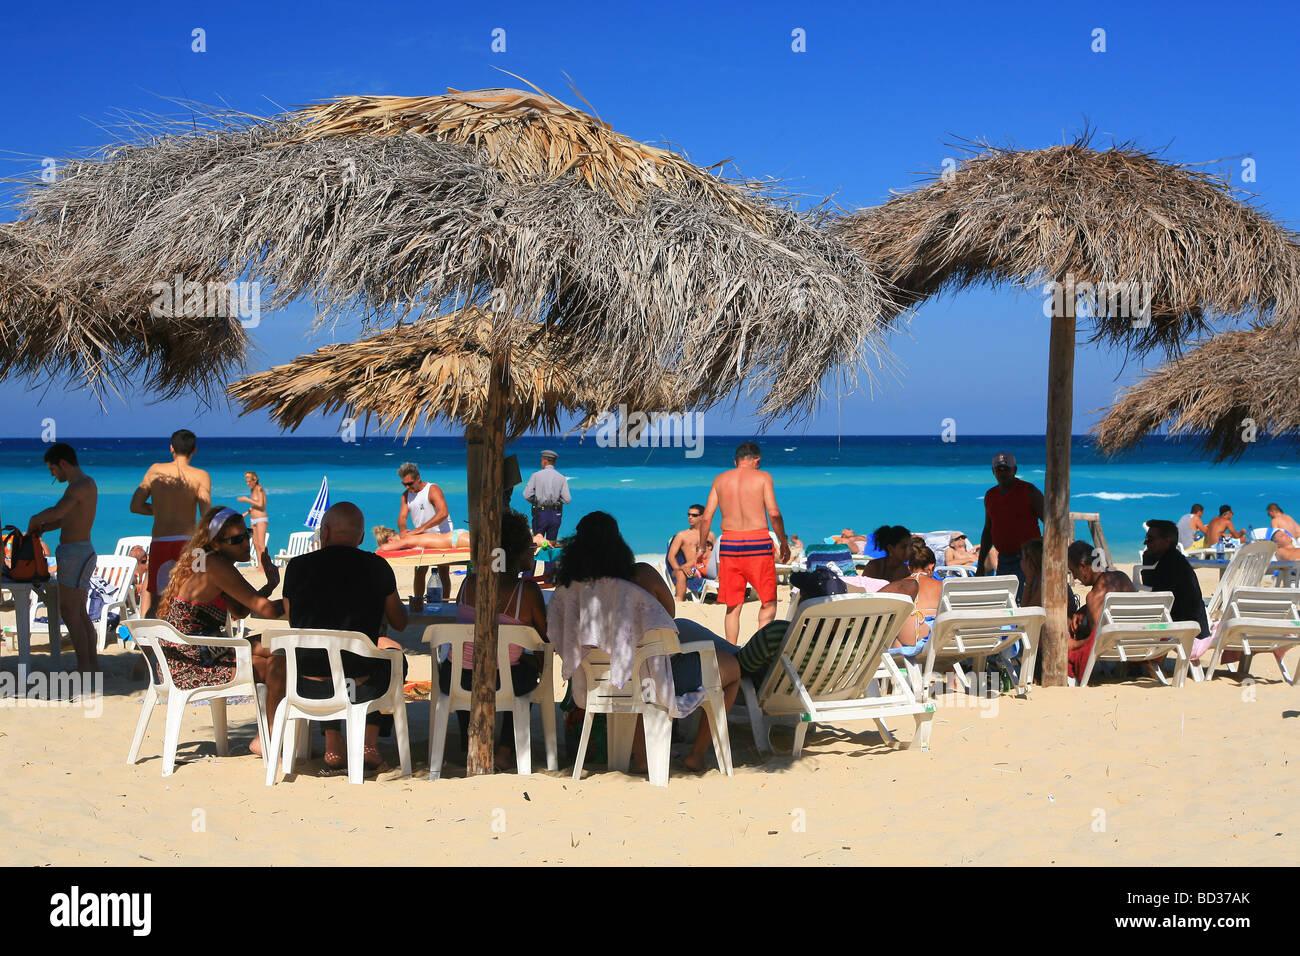 Kuba - Page 2 Cuba-playas-del-este-thatched-ranchitos-on-playa-megano-near-havana-BD37AK